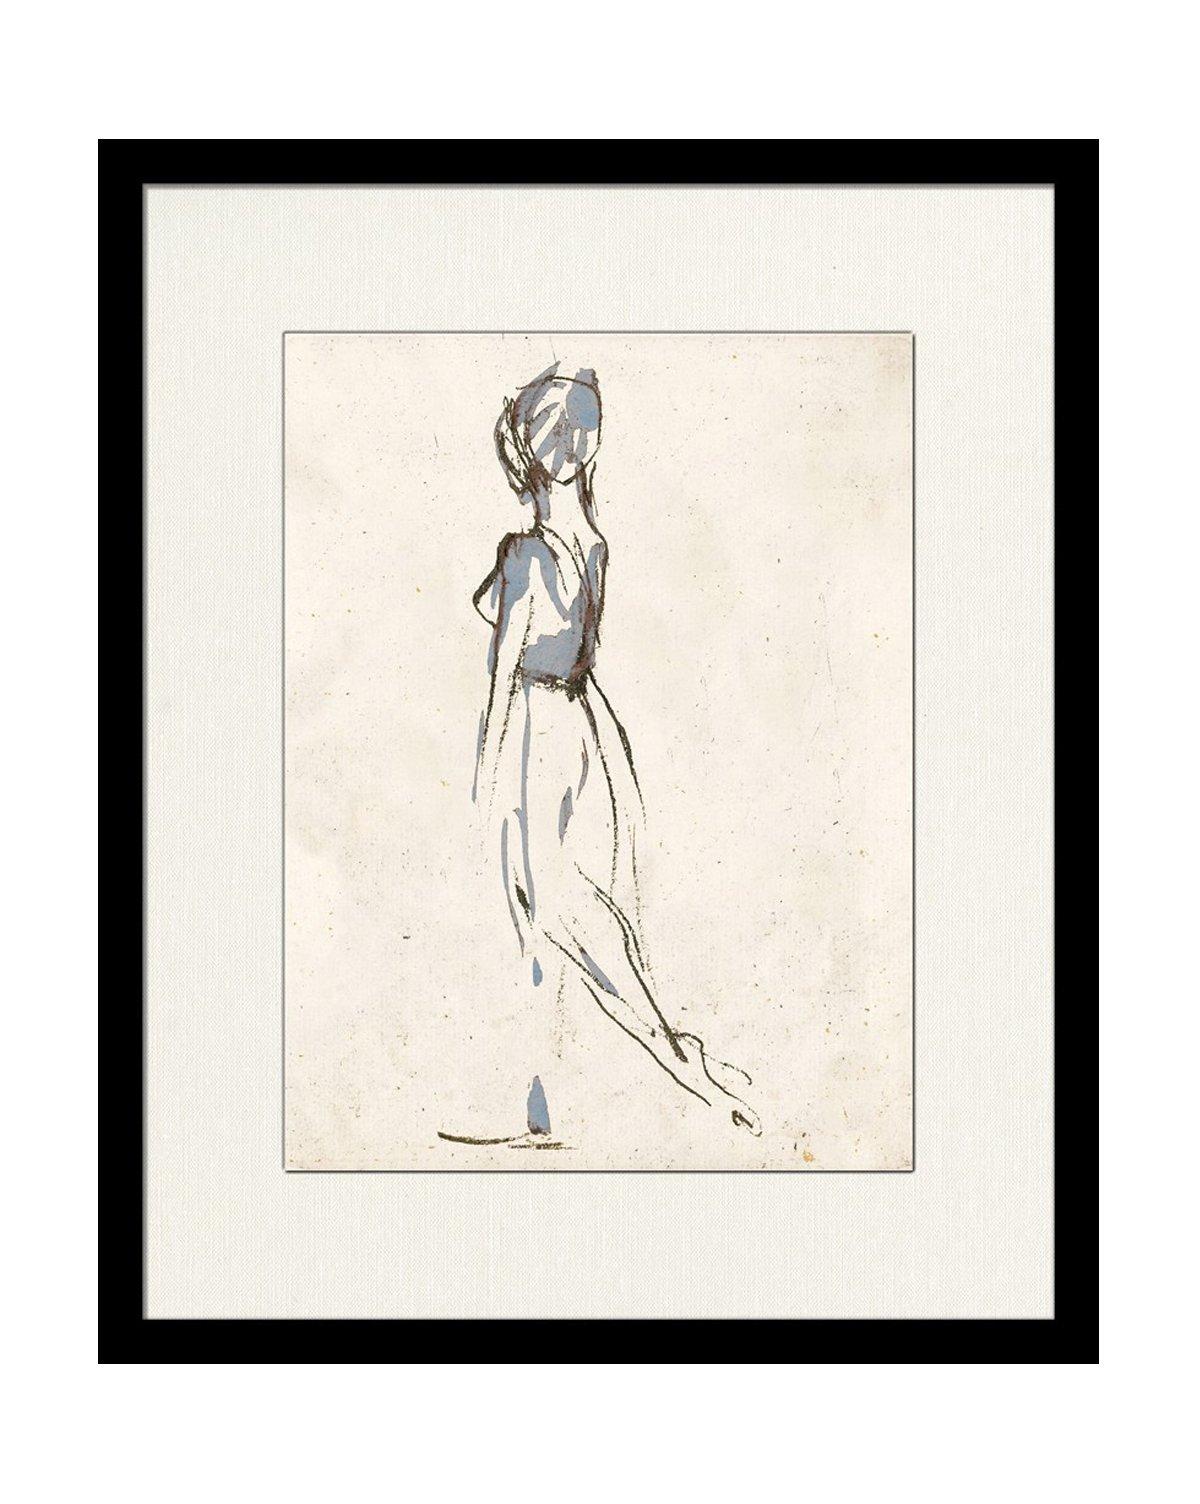 Ballerina_Sketch_1_1 (1).jpg